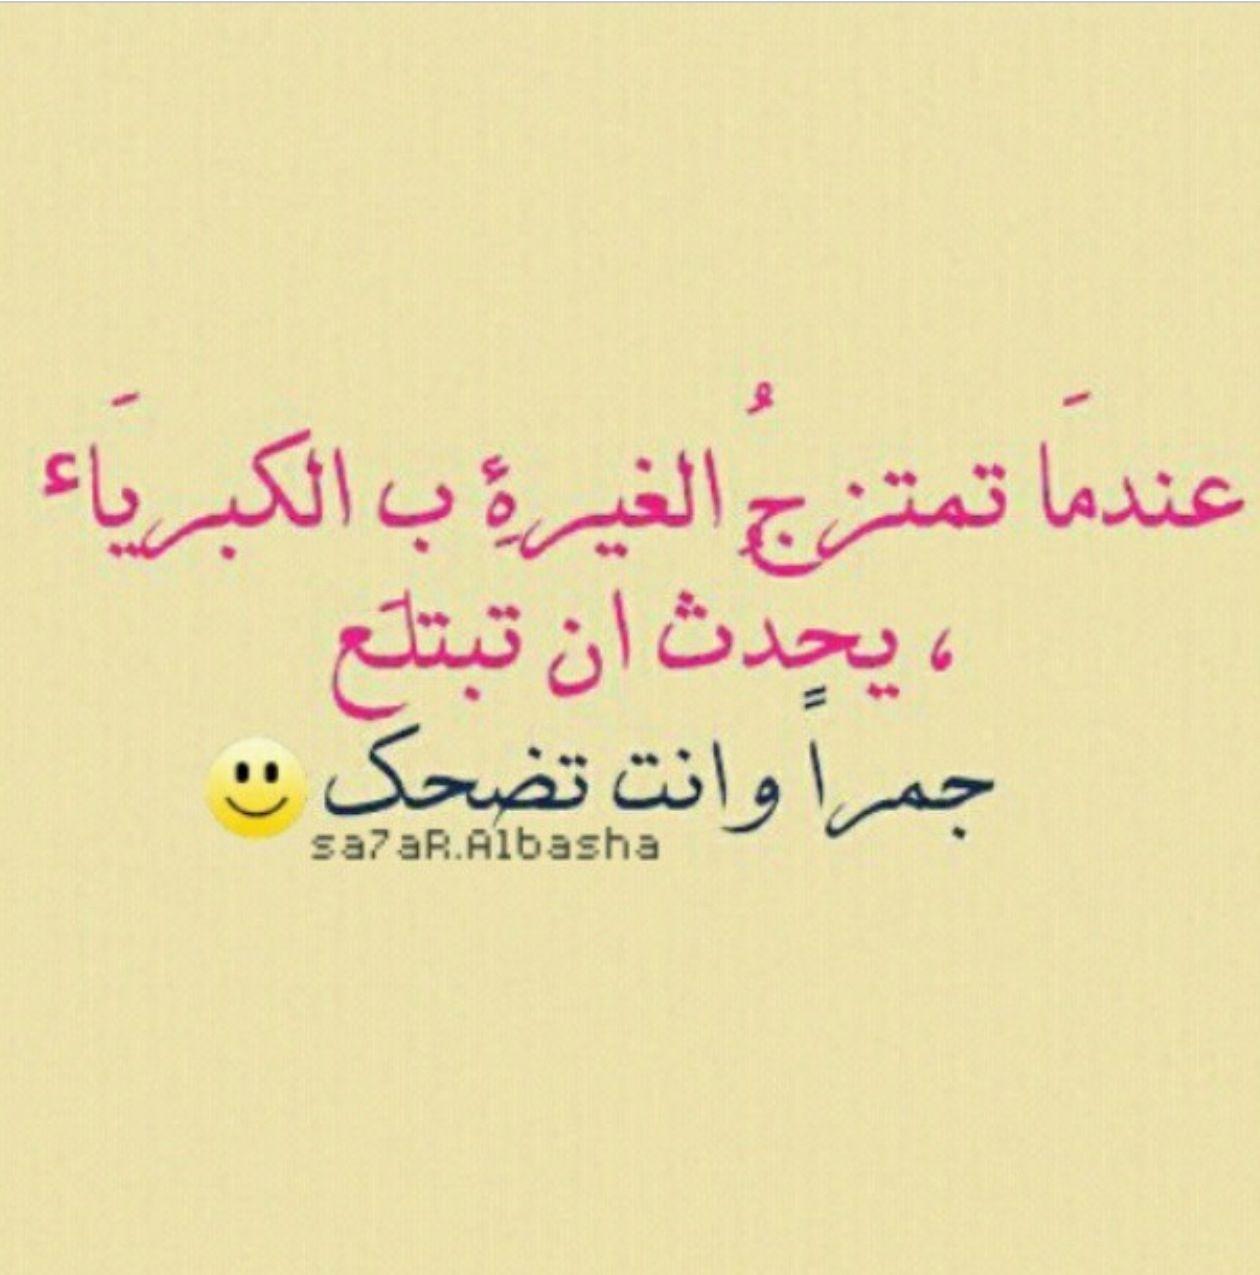 عندما تمتزج الغيره بالكبرياء يحدث ان تبتلع جمرا وانت تضحك Love Words Words Quotes